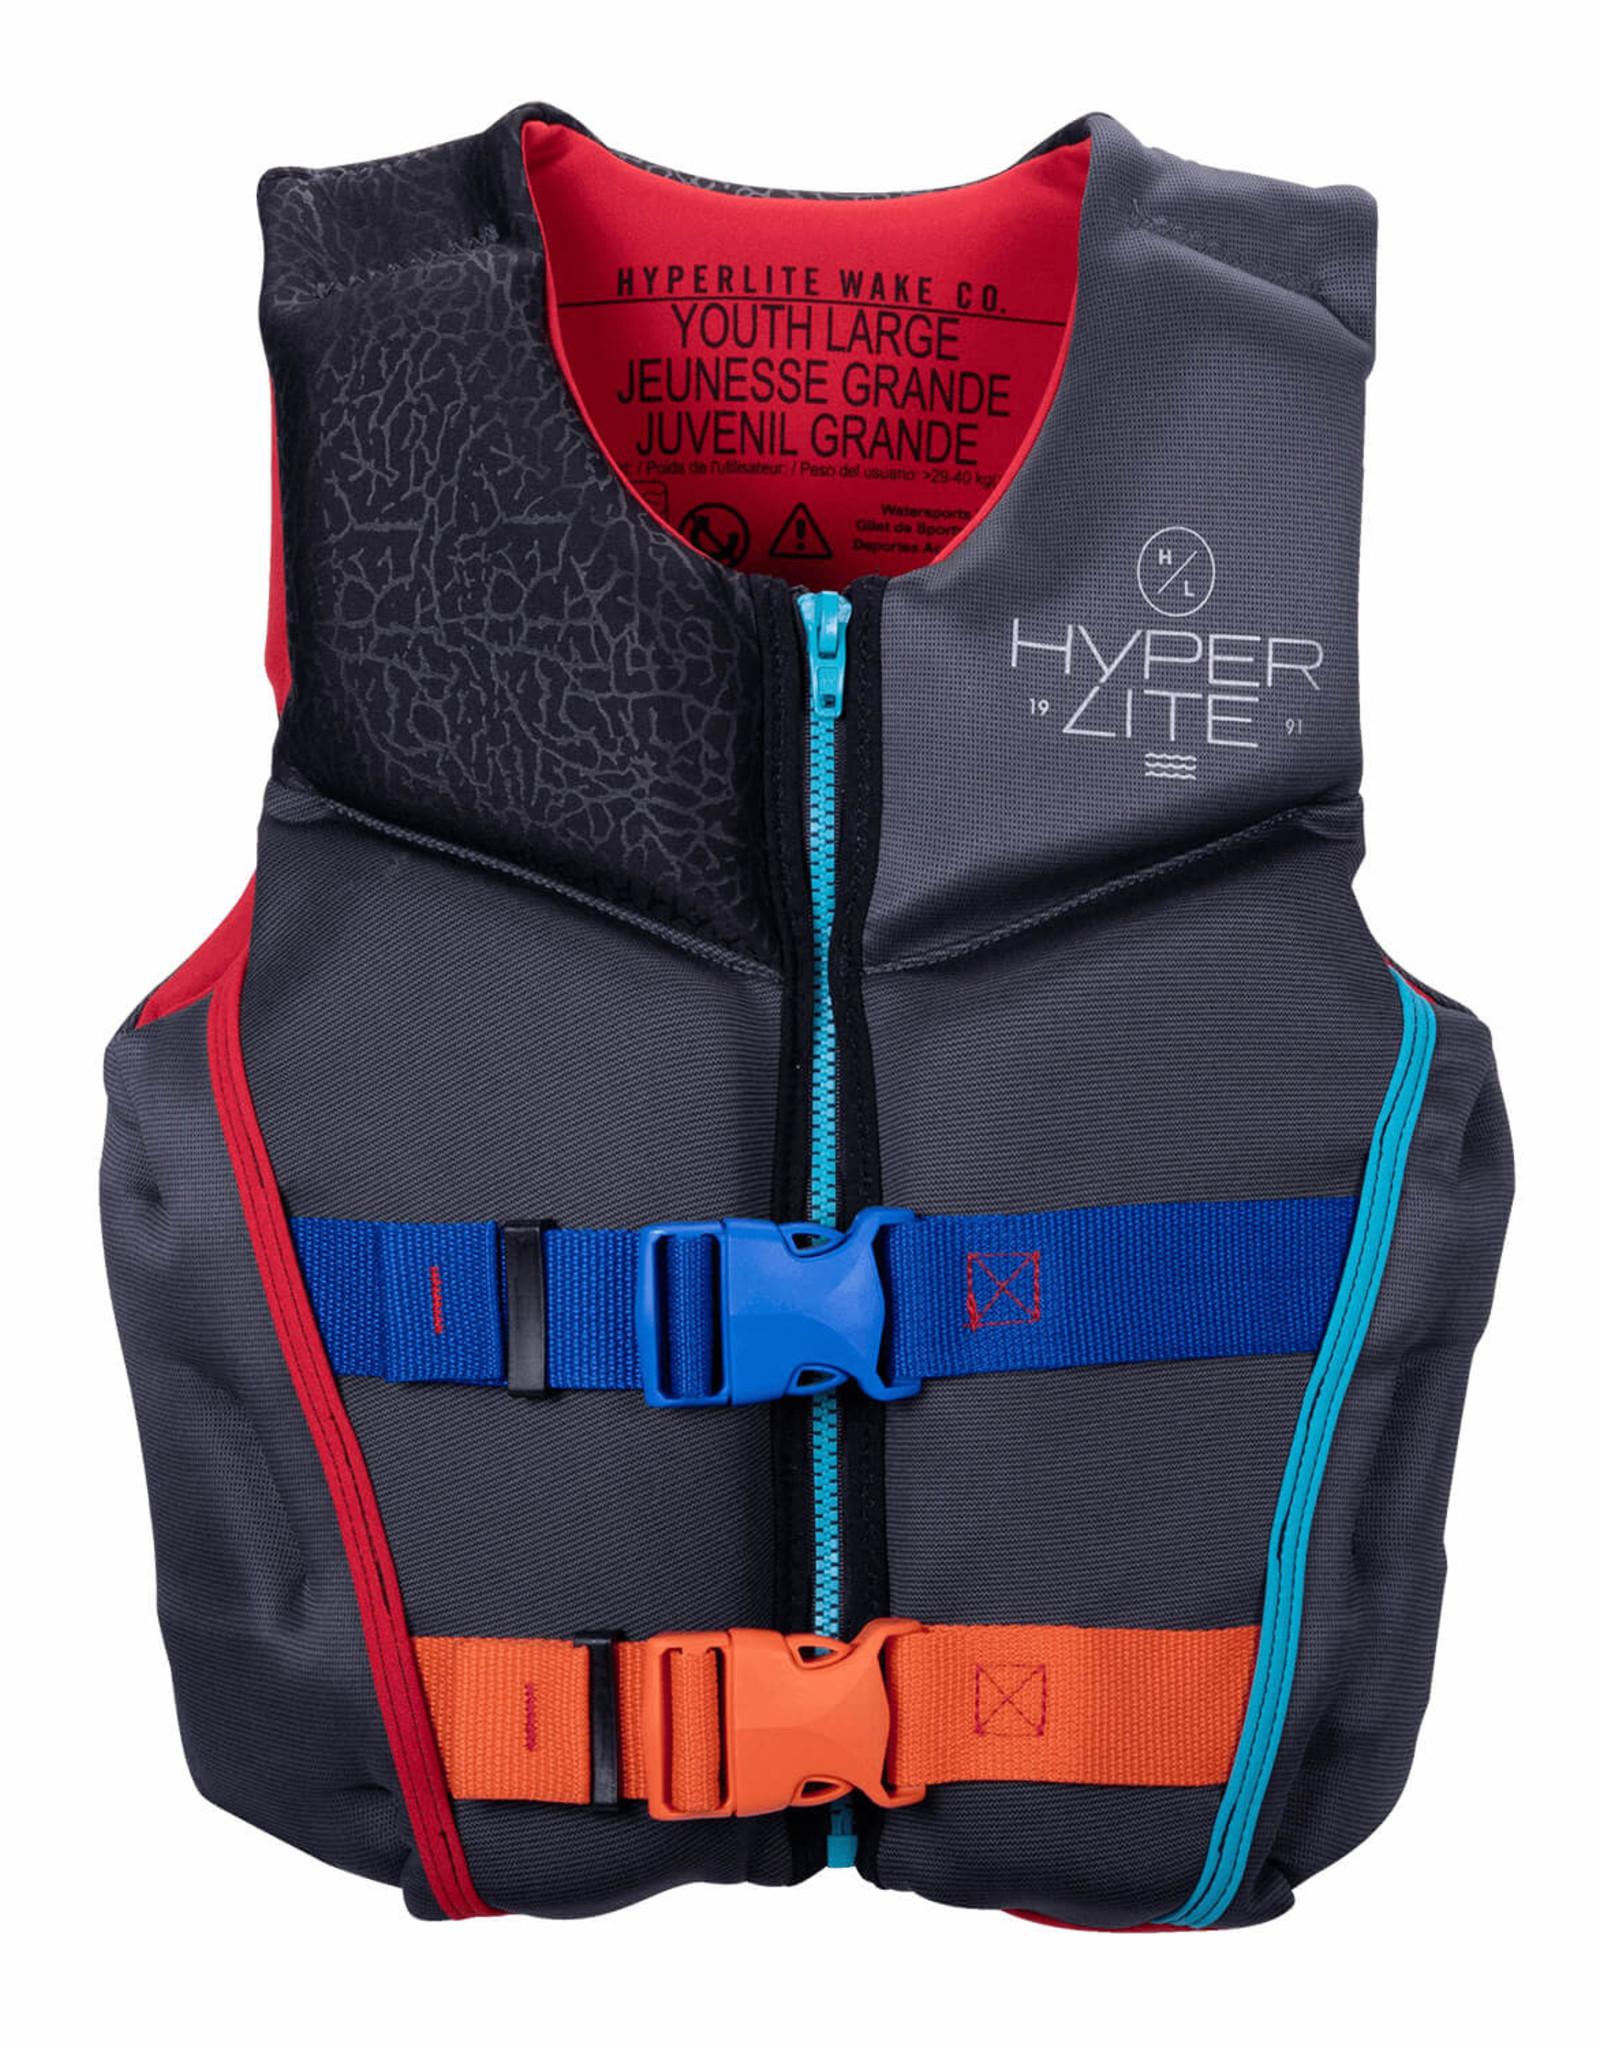 HyperLite HyperLite - Yth INDY HMZ NEO PFD - Ash/Red - L (65-90lbs)